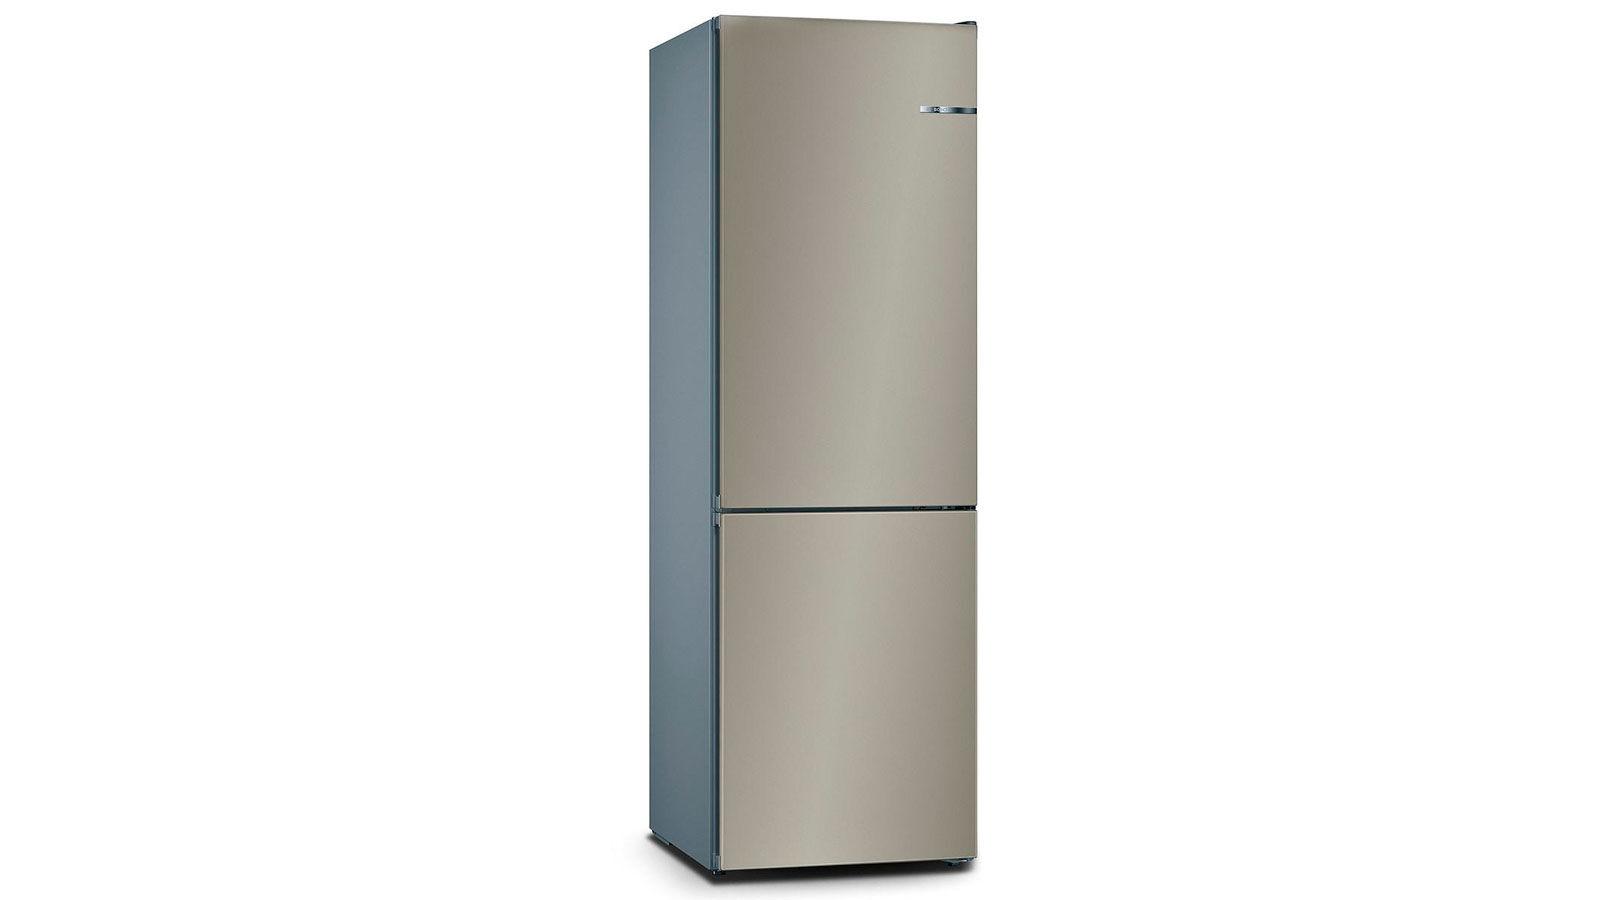 BOSCH 324L雙門雪櫃/配可更換門板 KVN36IC3BK-棕啡色